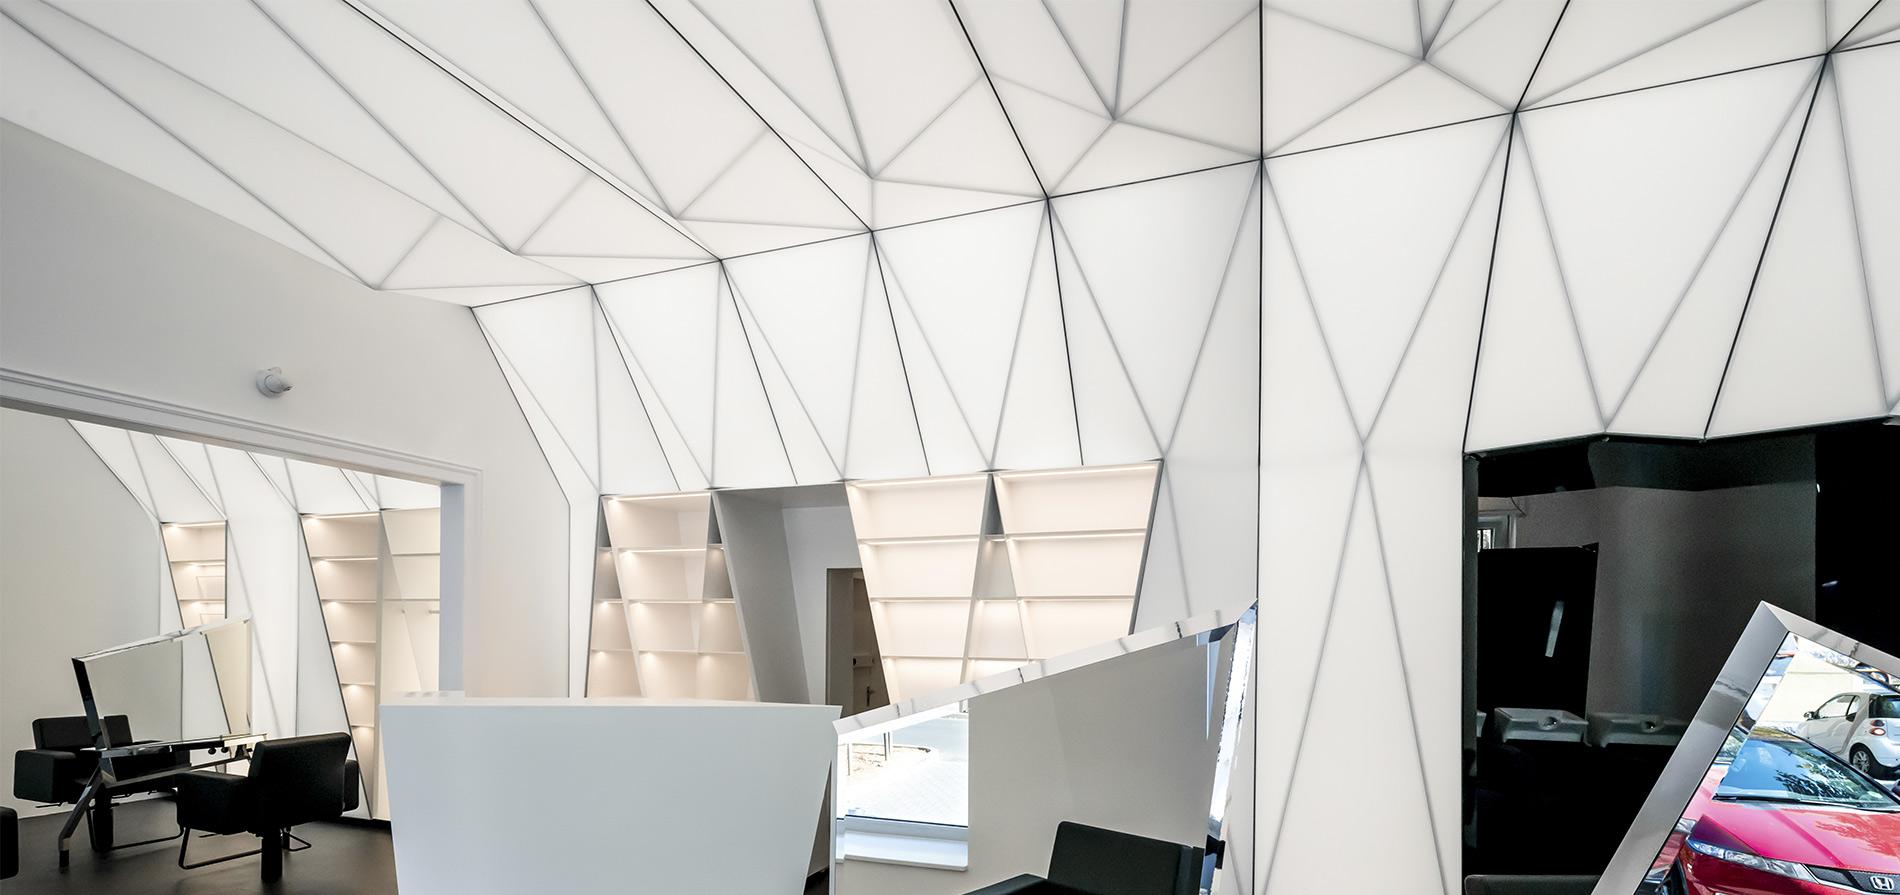 Натяжные потолки и световые решения Производство и поставка